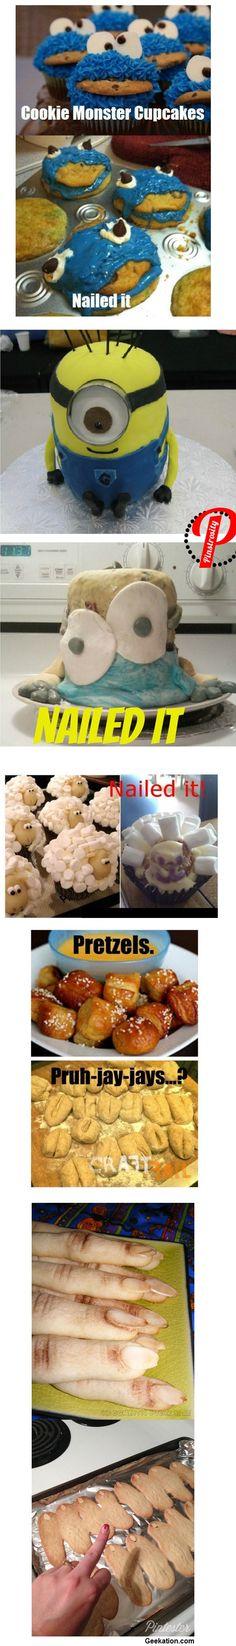 Pinterest recipe FAILs - Bwahahahahahahaha!!!!